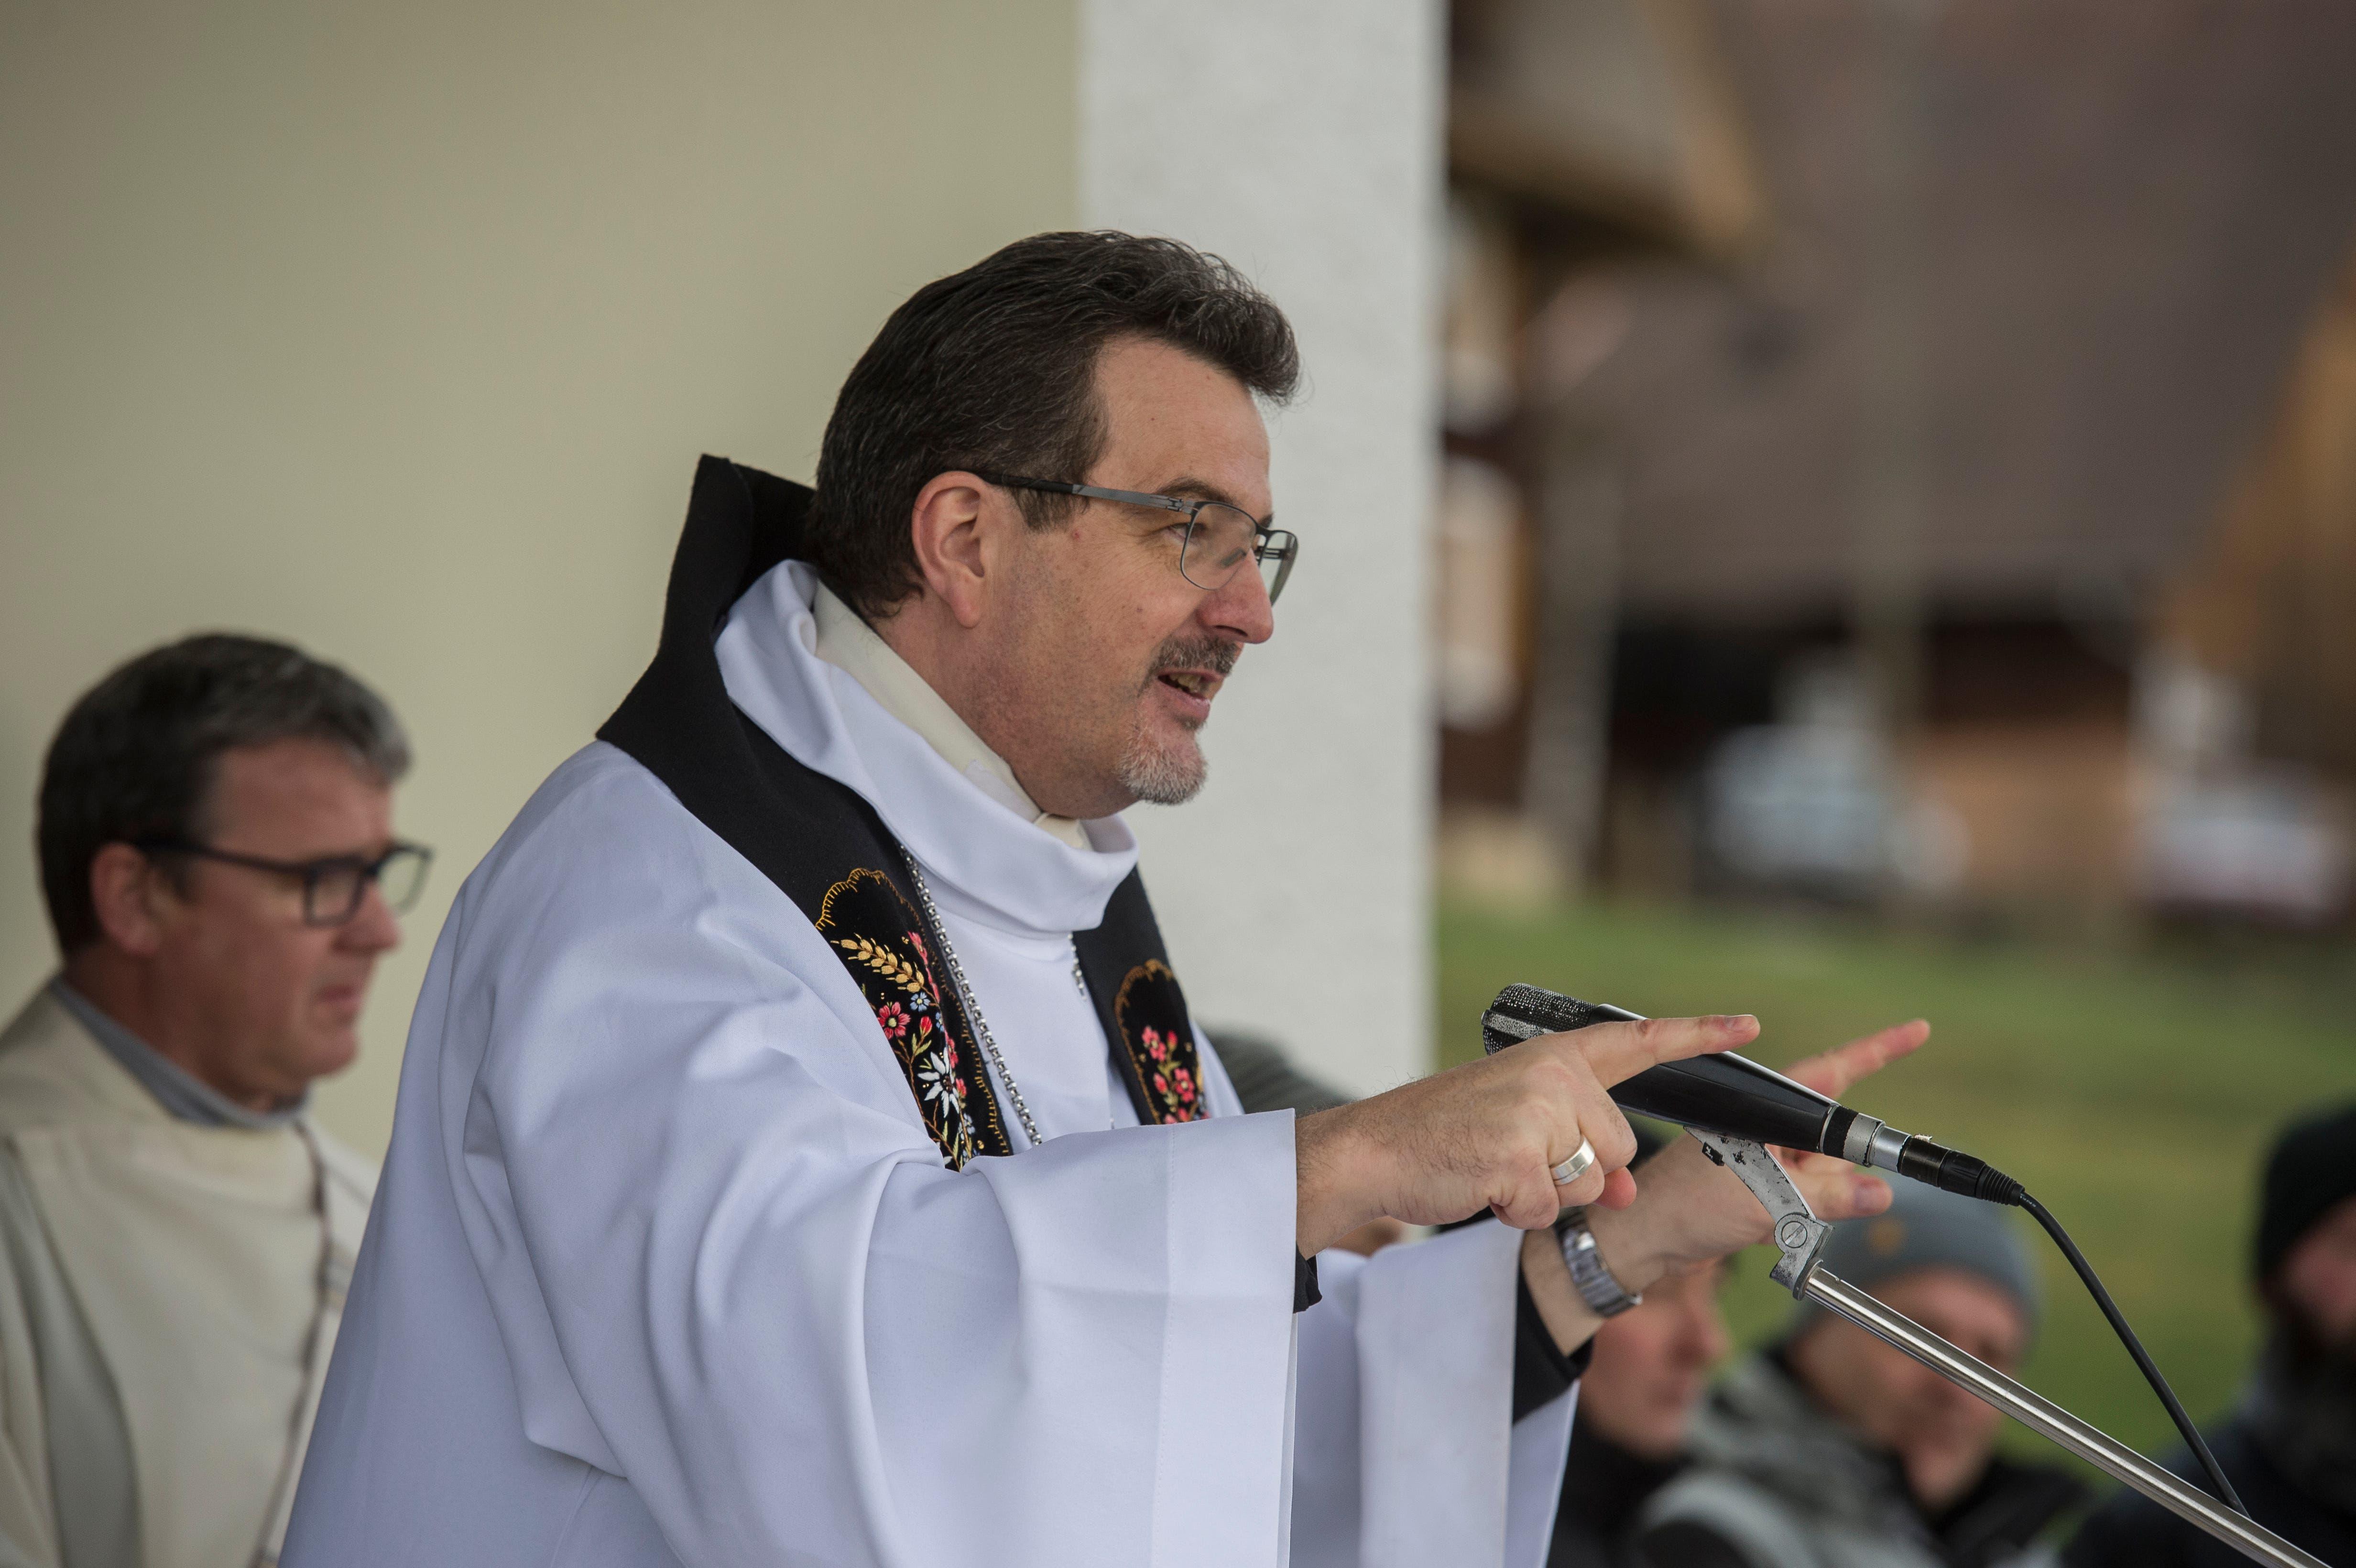 Der traditionelle Wallfahrtsgottesdienst wird jeweils von einem prominenten Geistlichen gefeiert. Heuer war es Abt Christian Meyer vom Benediktinerkloster Engelberg. (Bild: Dominik Wunderli (Grosswangen, 17. Januar 2019))